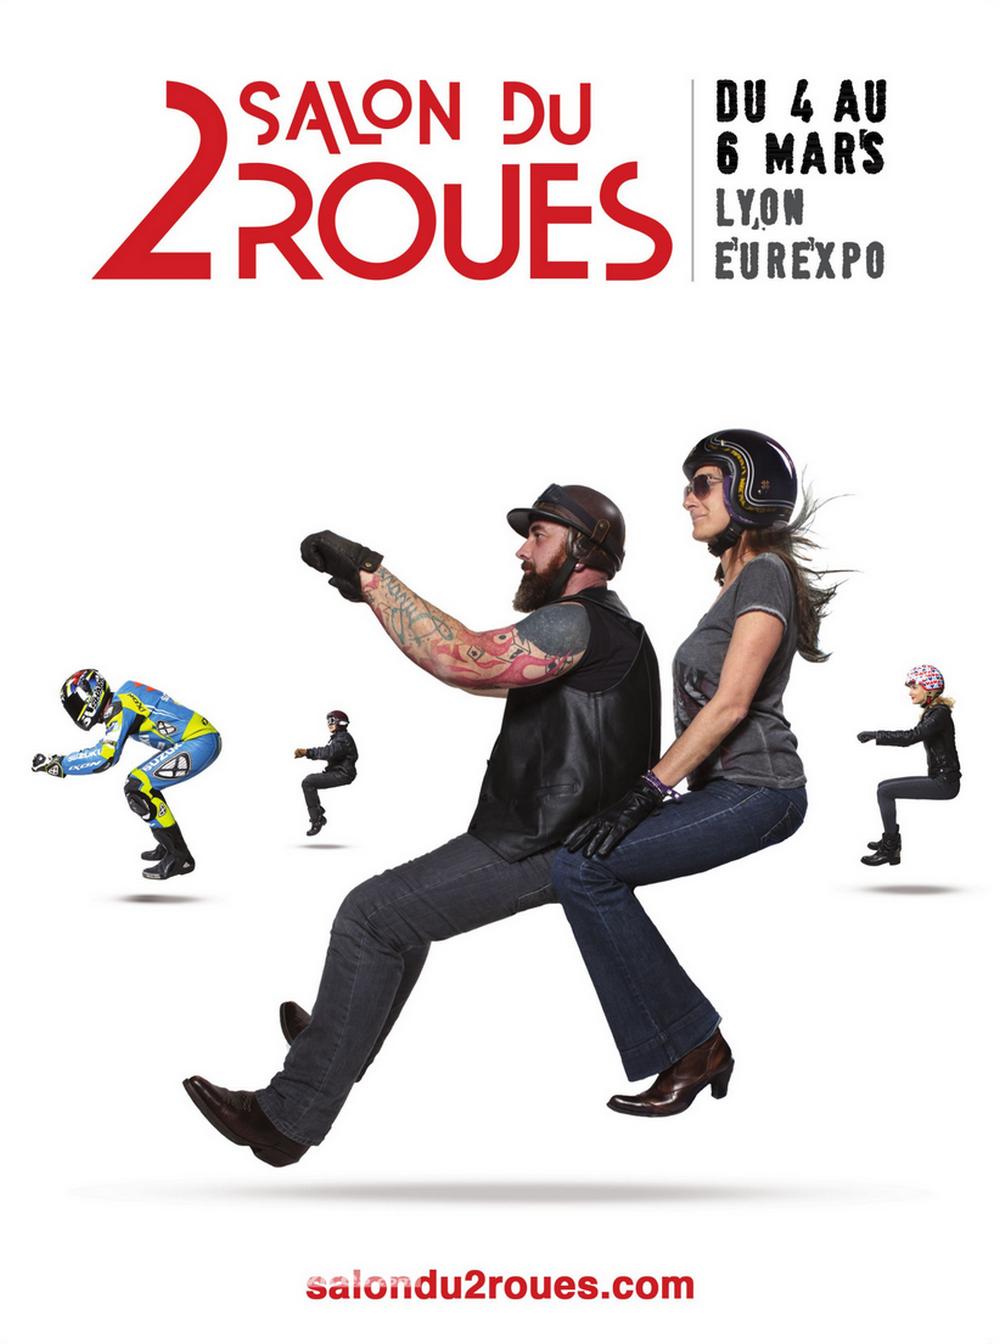 Salon du 2 roues de lyon 2016 dates et programme moto dz for Salon ce lyon 2015